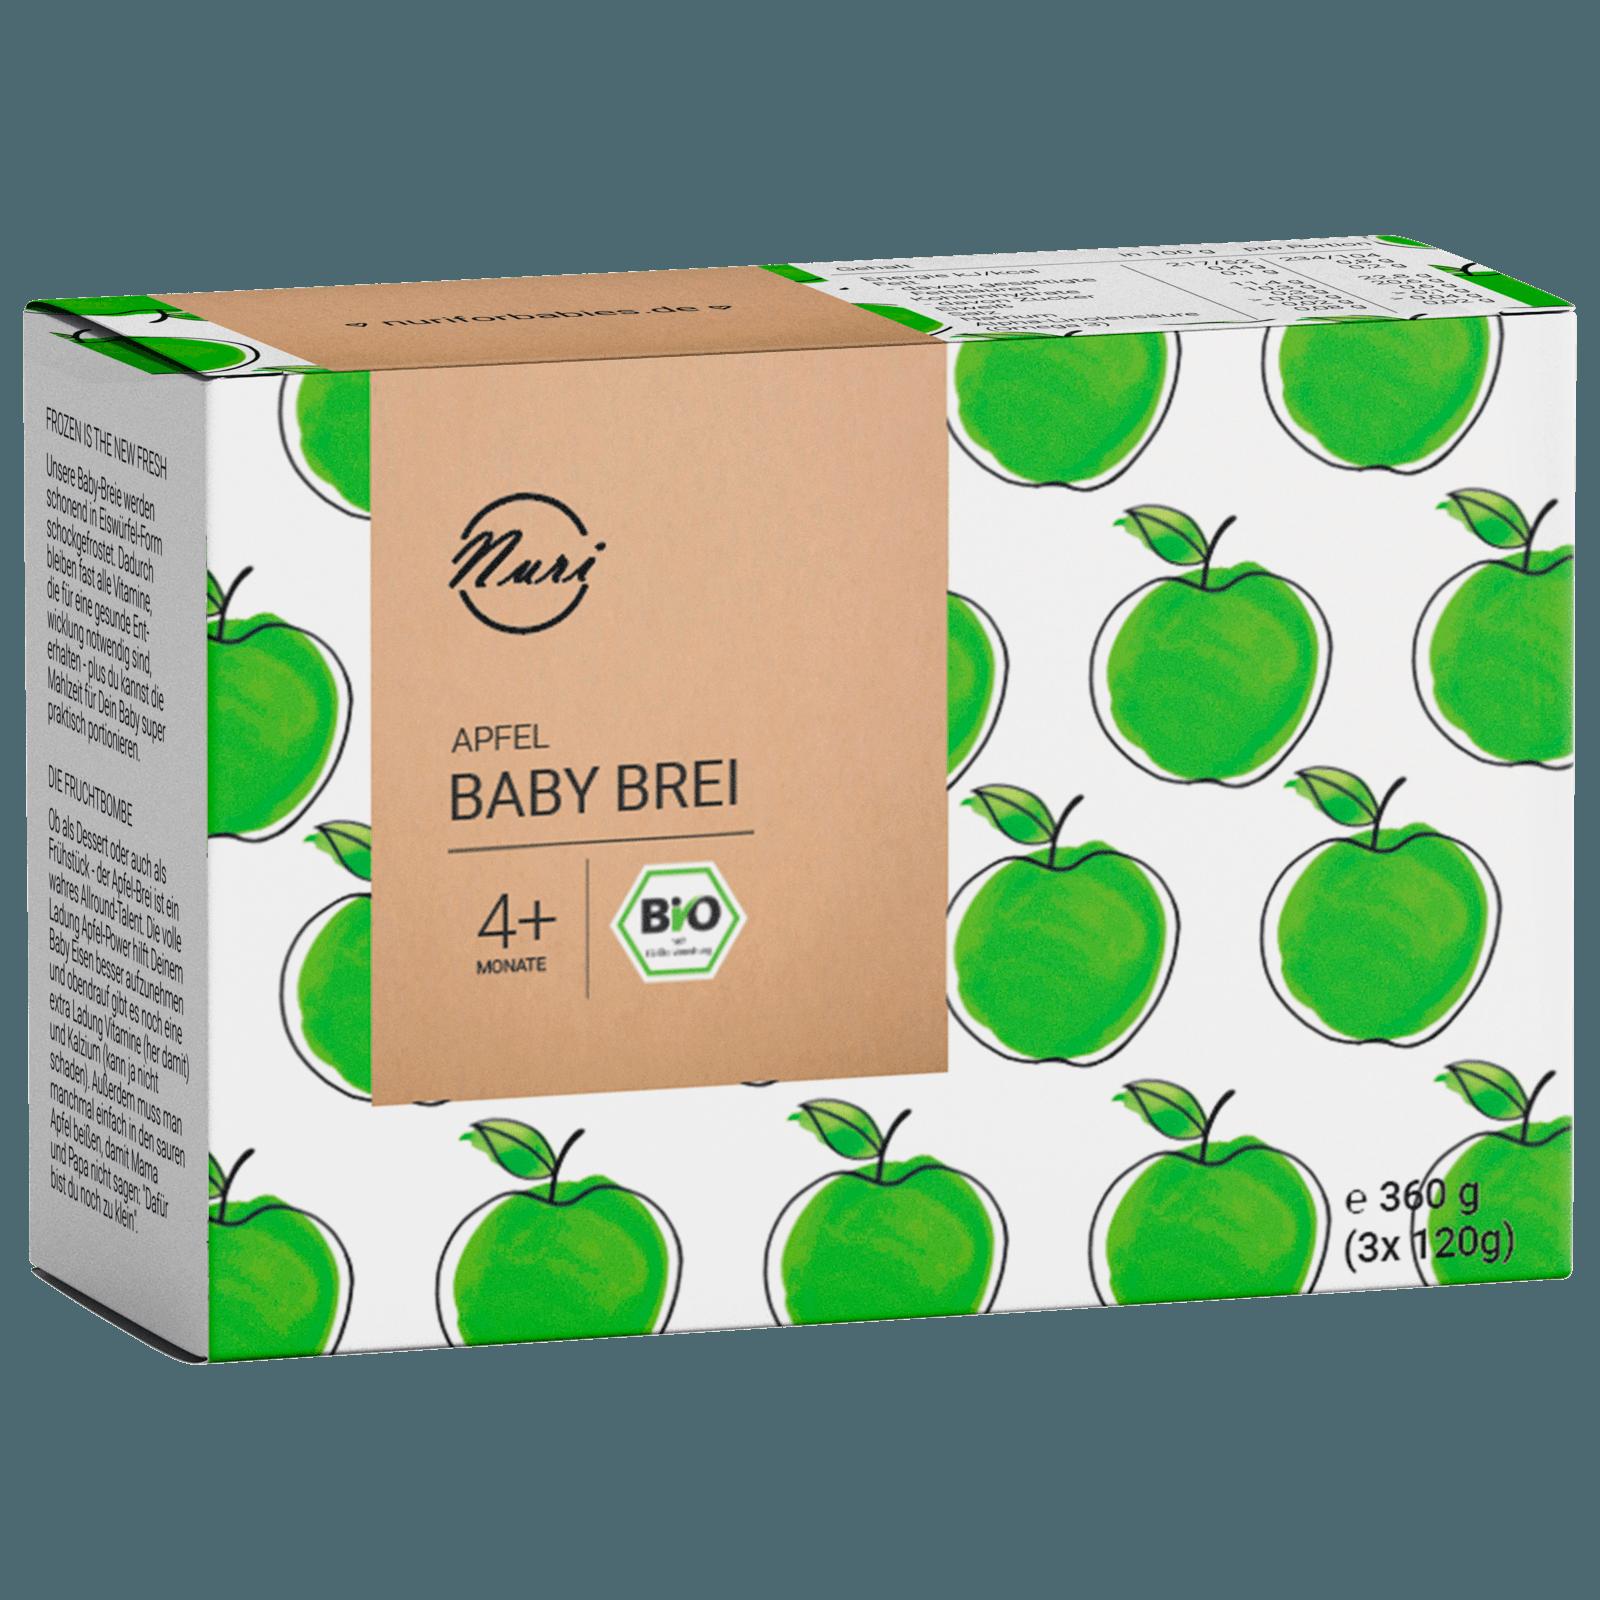 REWE Lieferservice: Lebensmittel im Online Supermarkt!